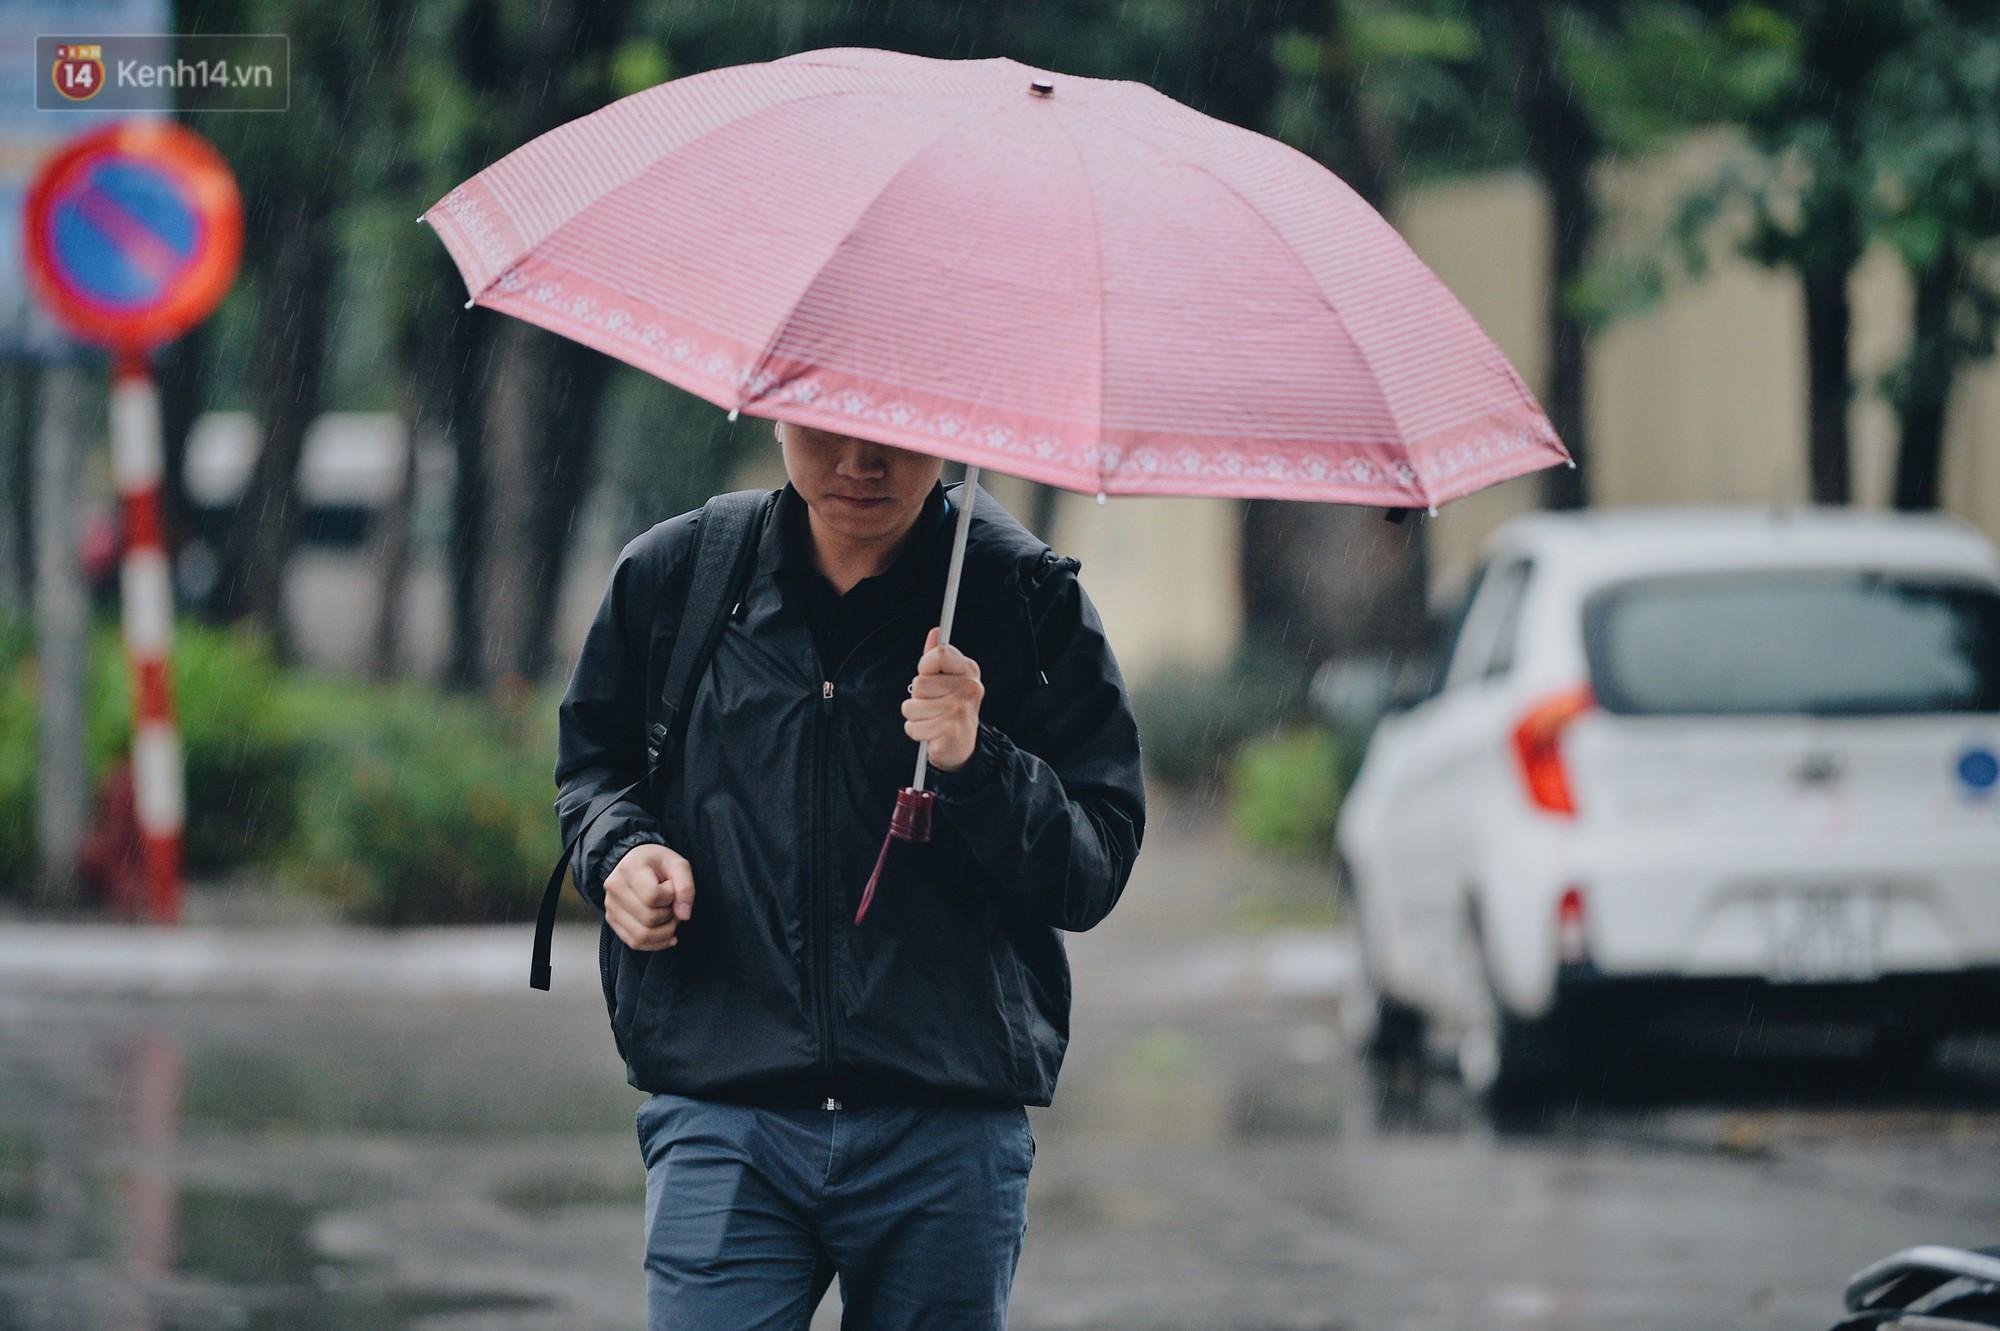 Chùm ảnh: Sau một đêm trở gió Hà Nội mưa lạnh xuống đến 17 độ C, người dân co ro ra đường - Ảnh 3.